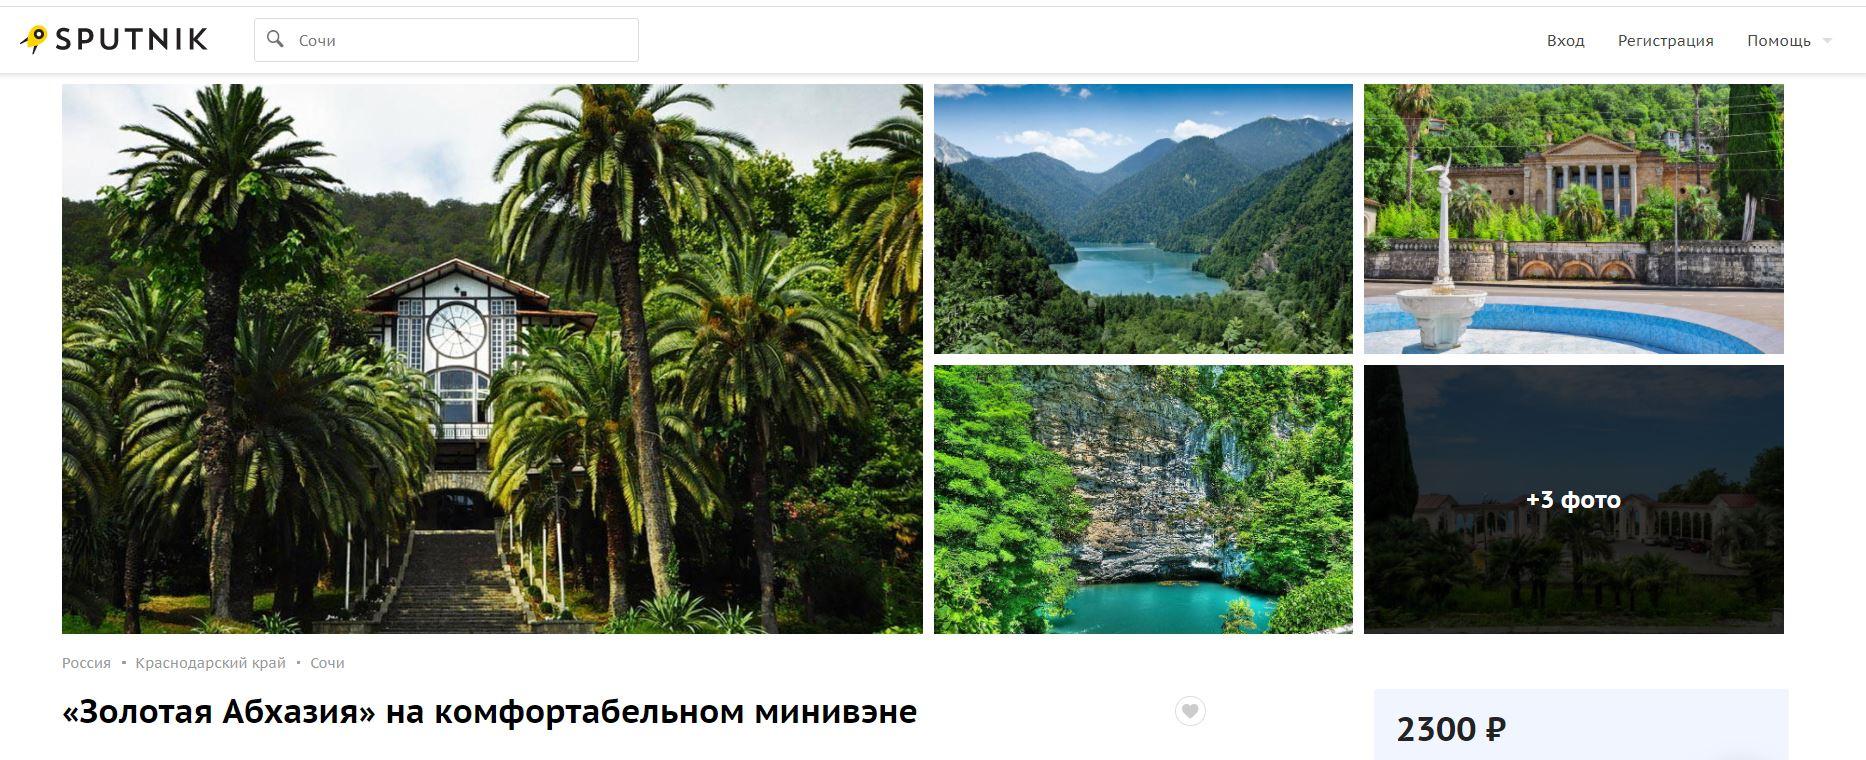 ТОП-5 экскурсий в Абхазию из Сочи 2021